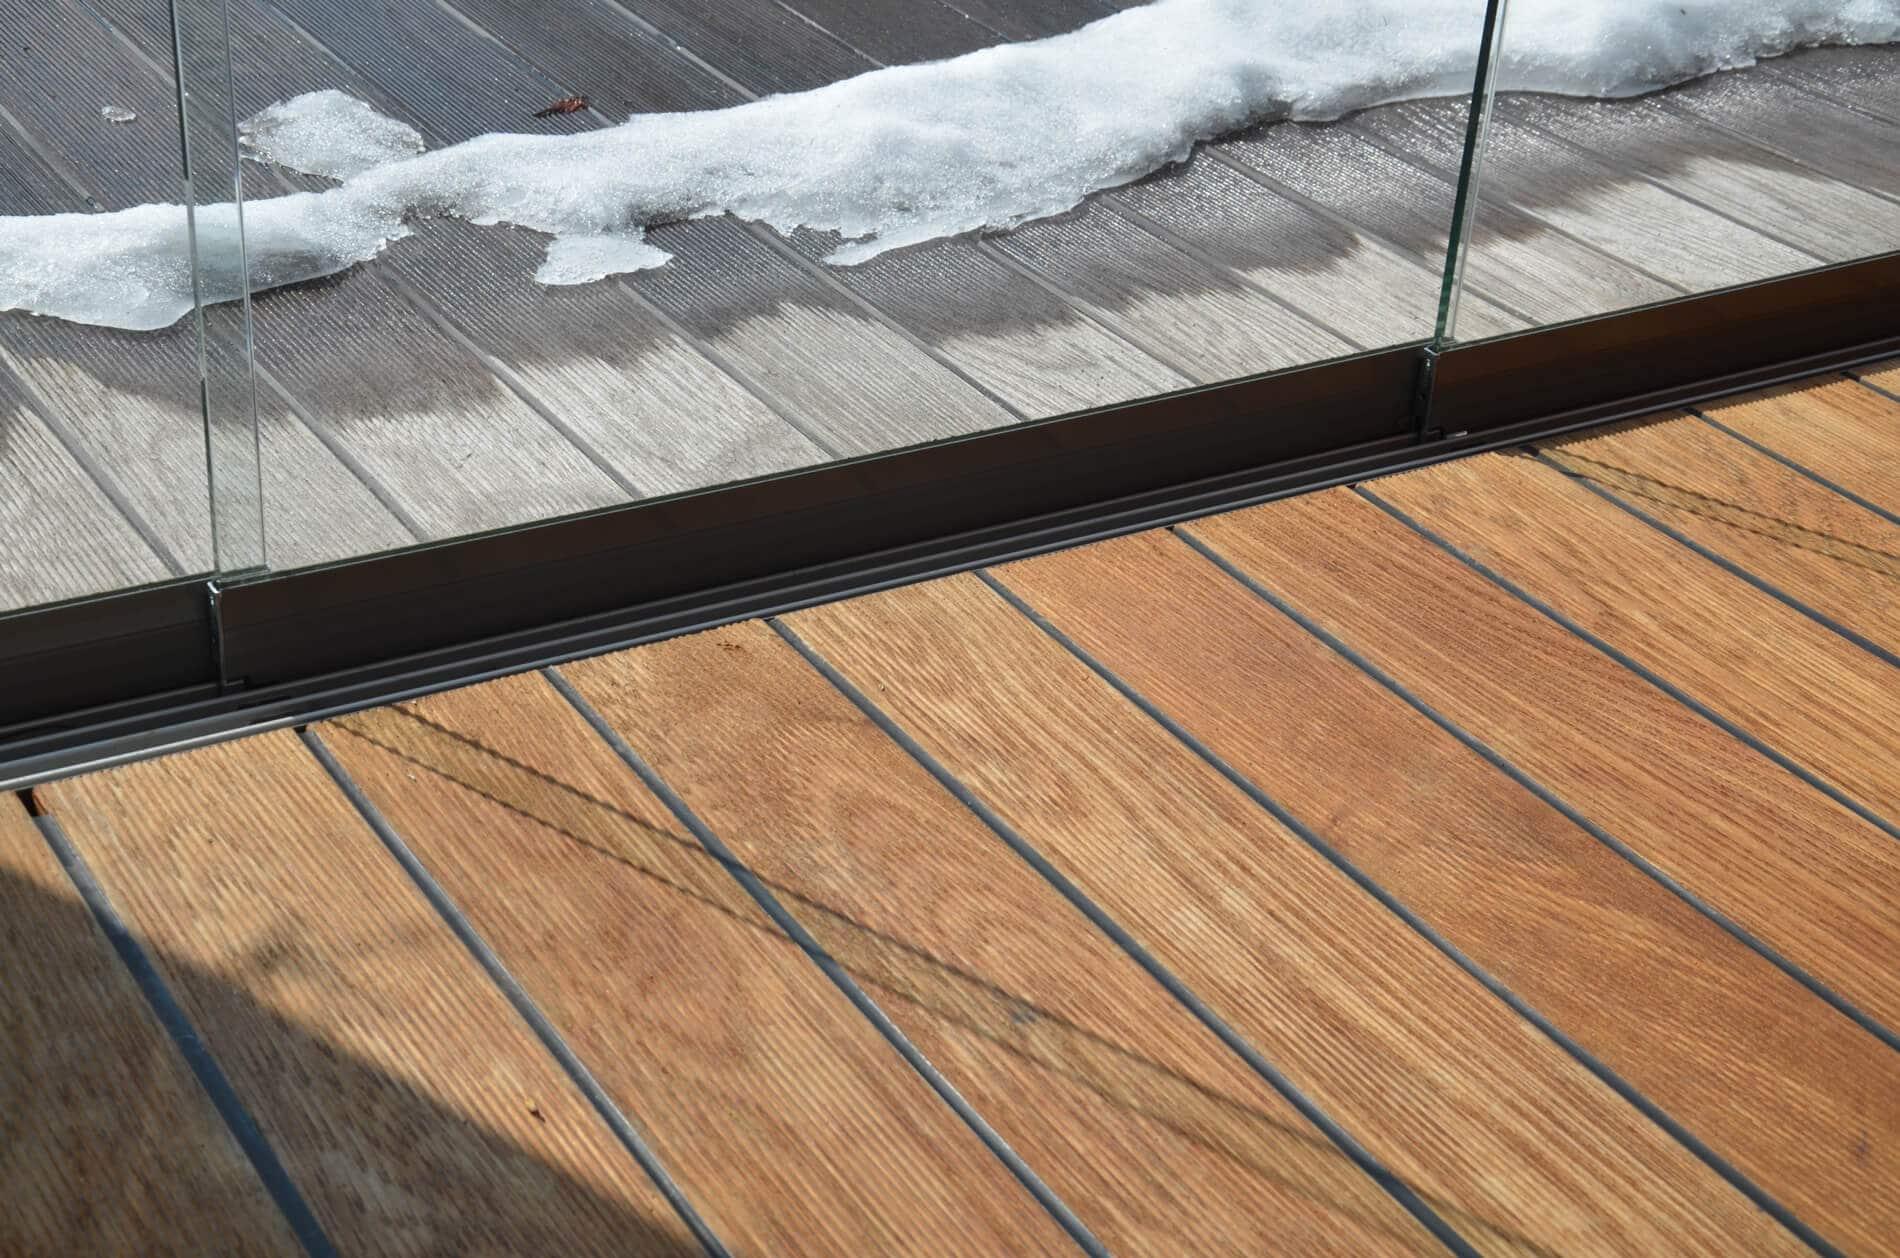 Barrierefreie Glasschiebetüren außen